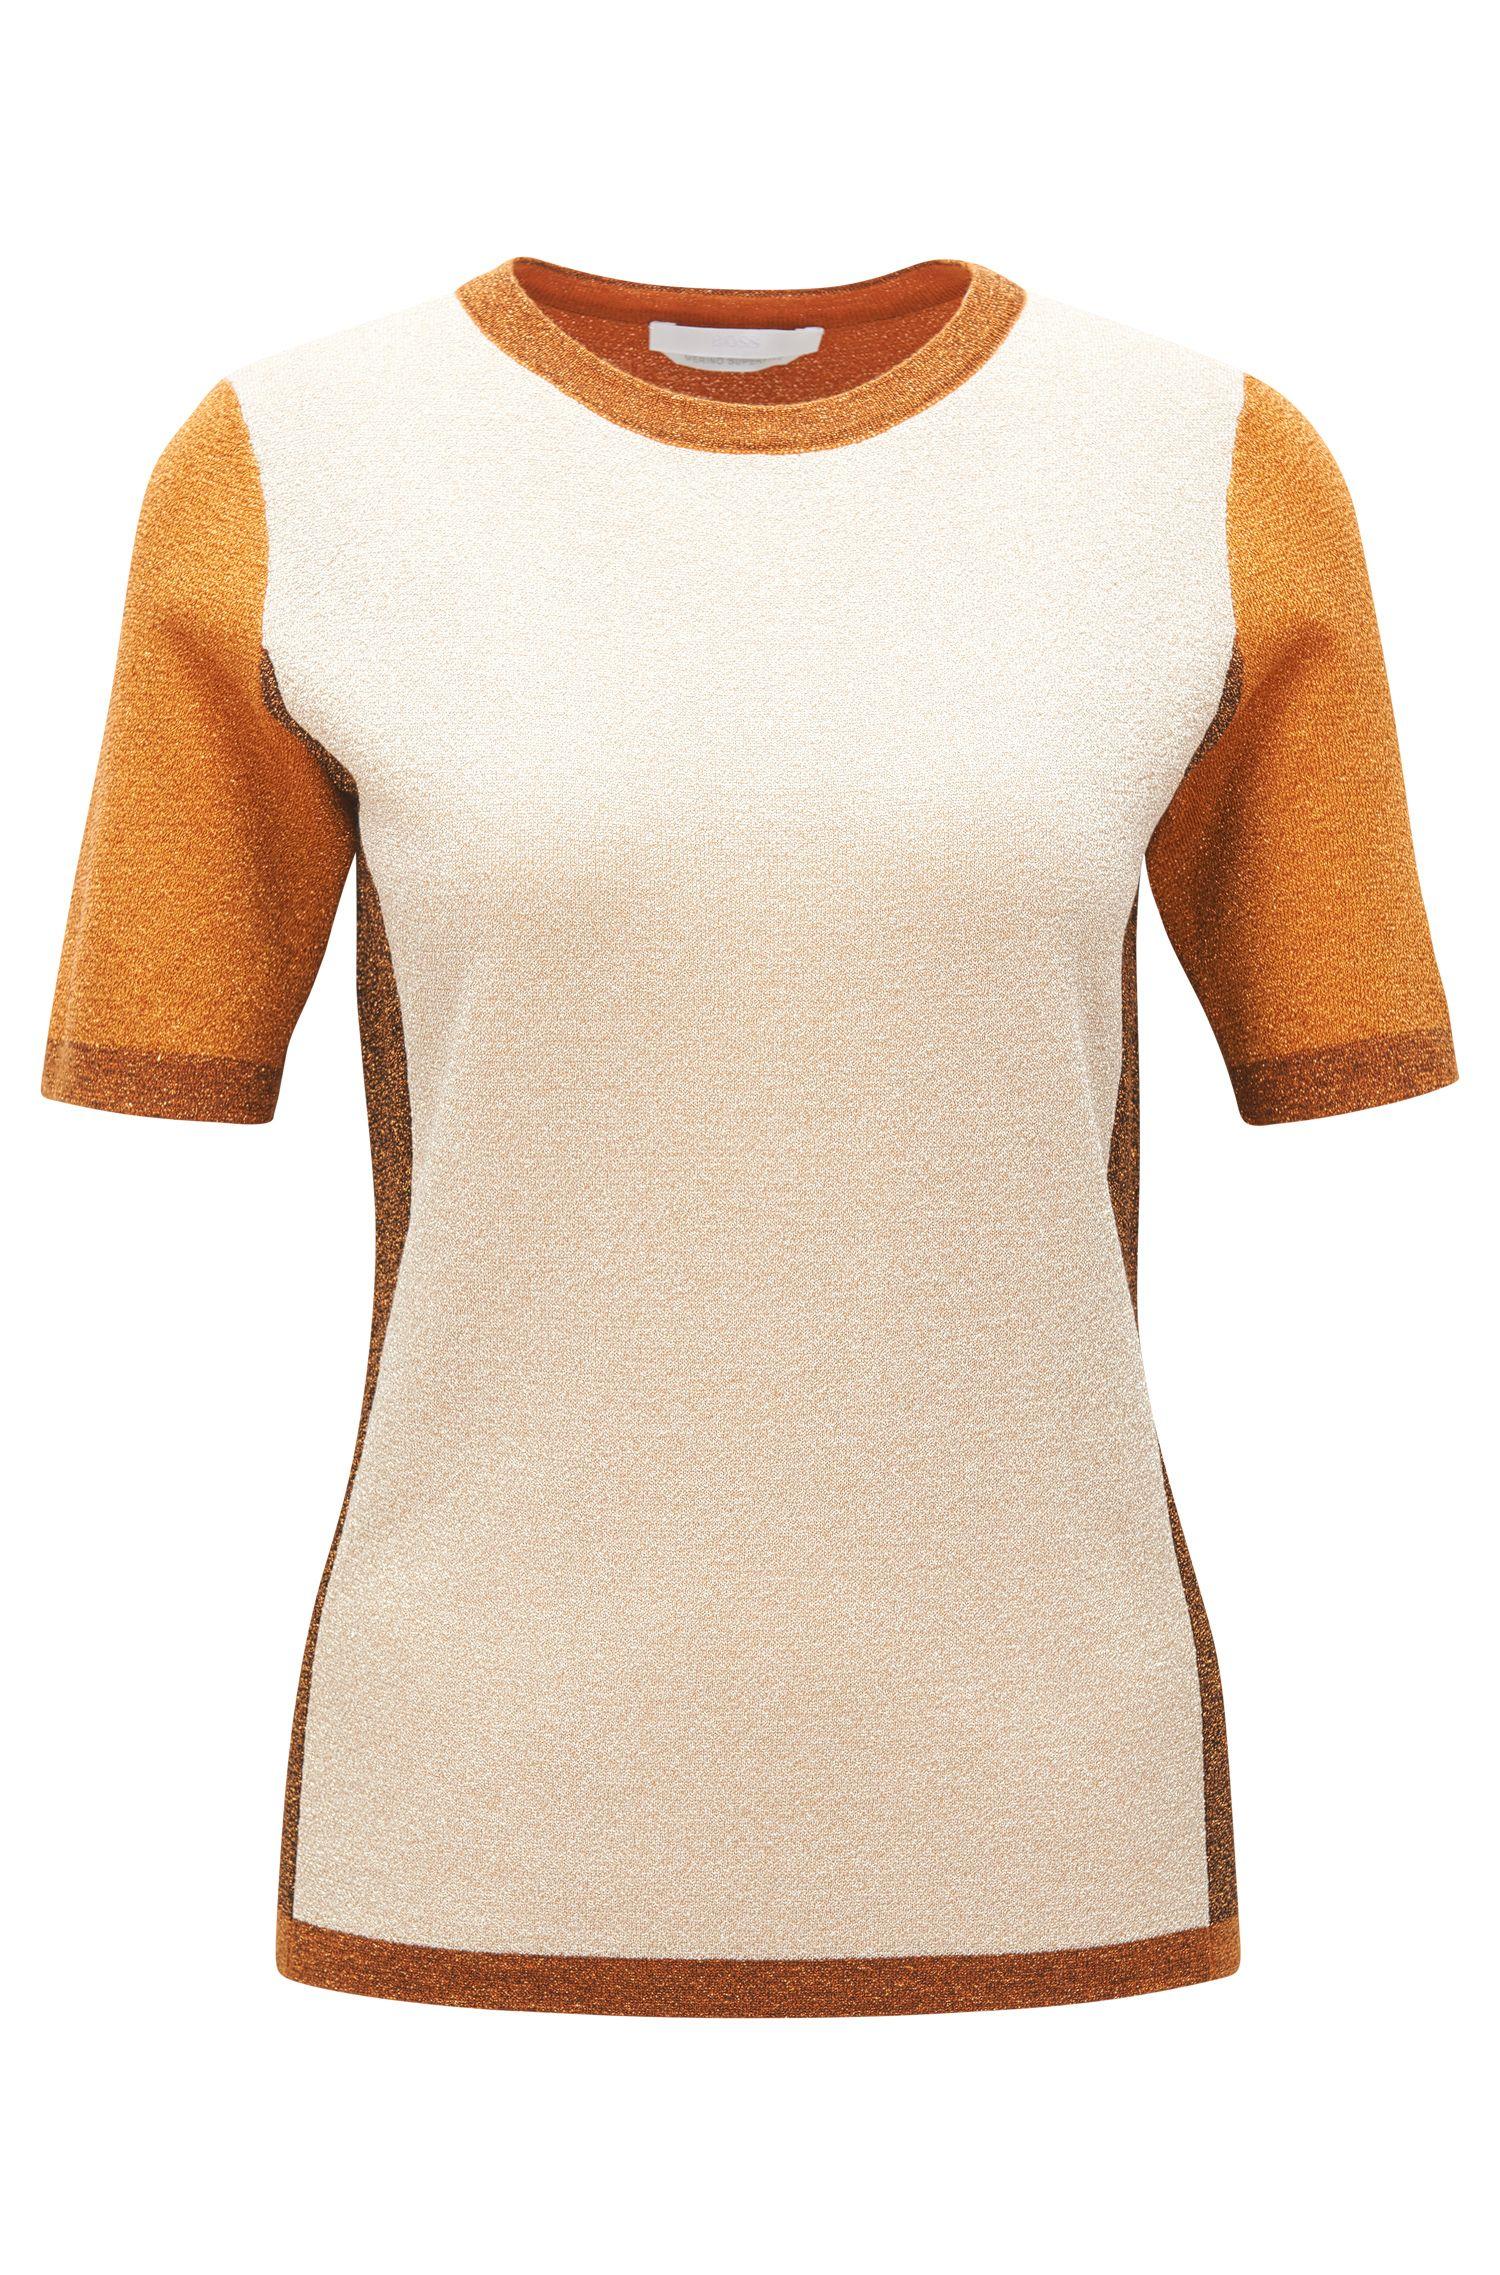 Metallised Virgin Wool Blend Top | Fifer